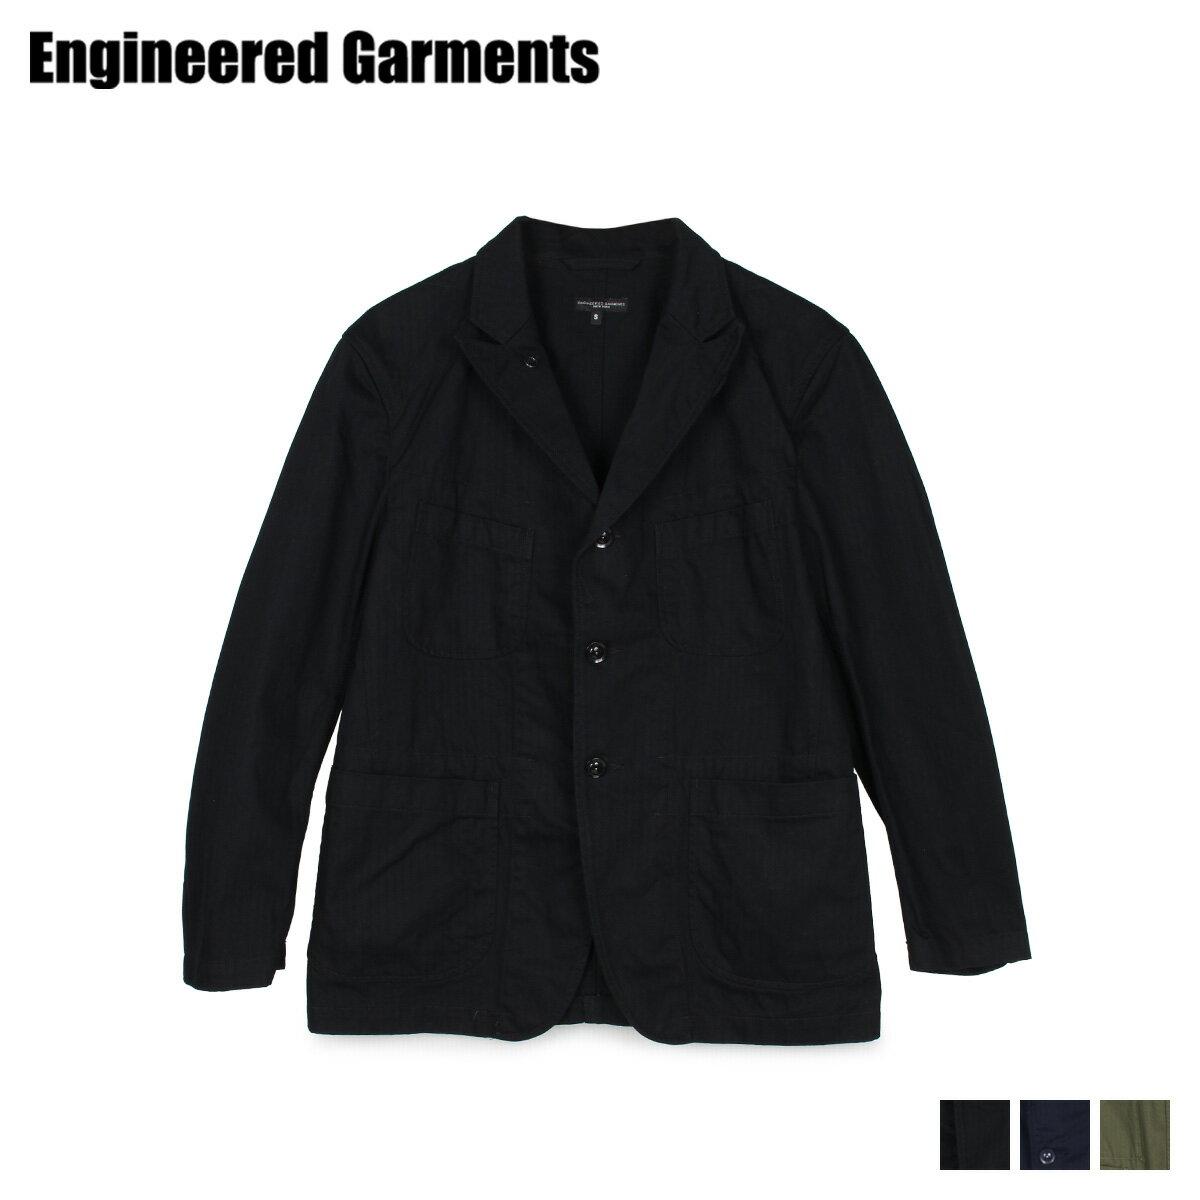 メンズファッション, コート・ジャケット 600OFF ENGINEERED GARMENTS BEDFORD JACKET 20F1D005